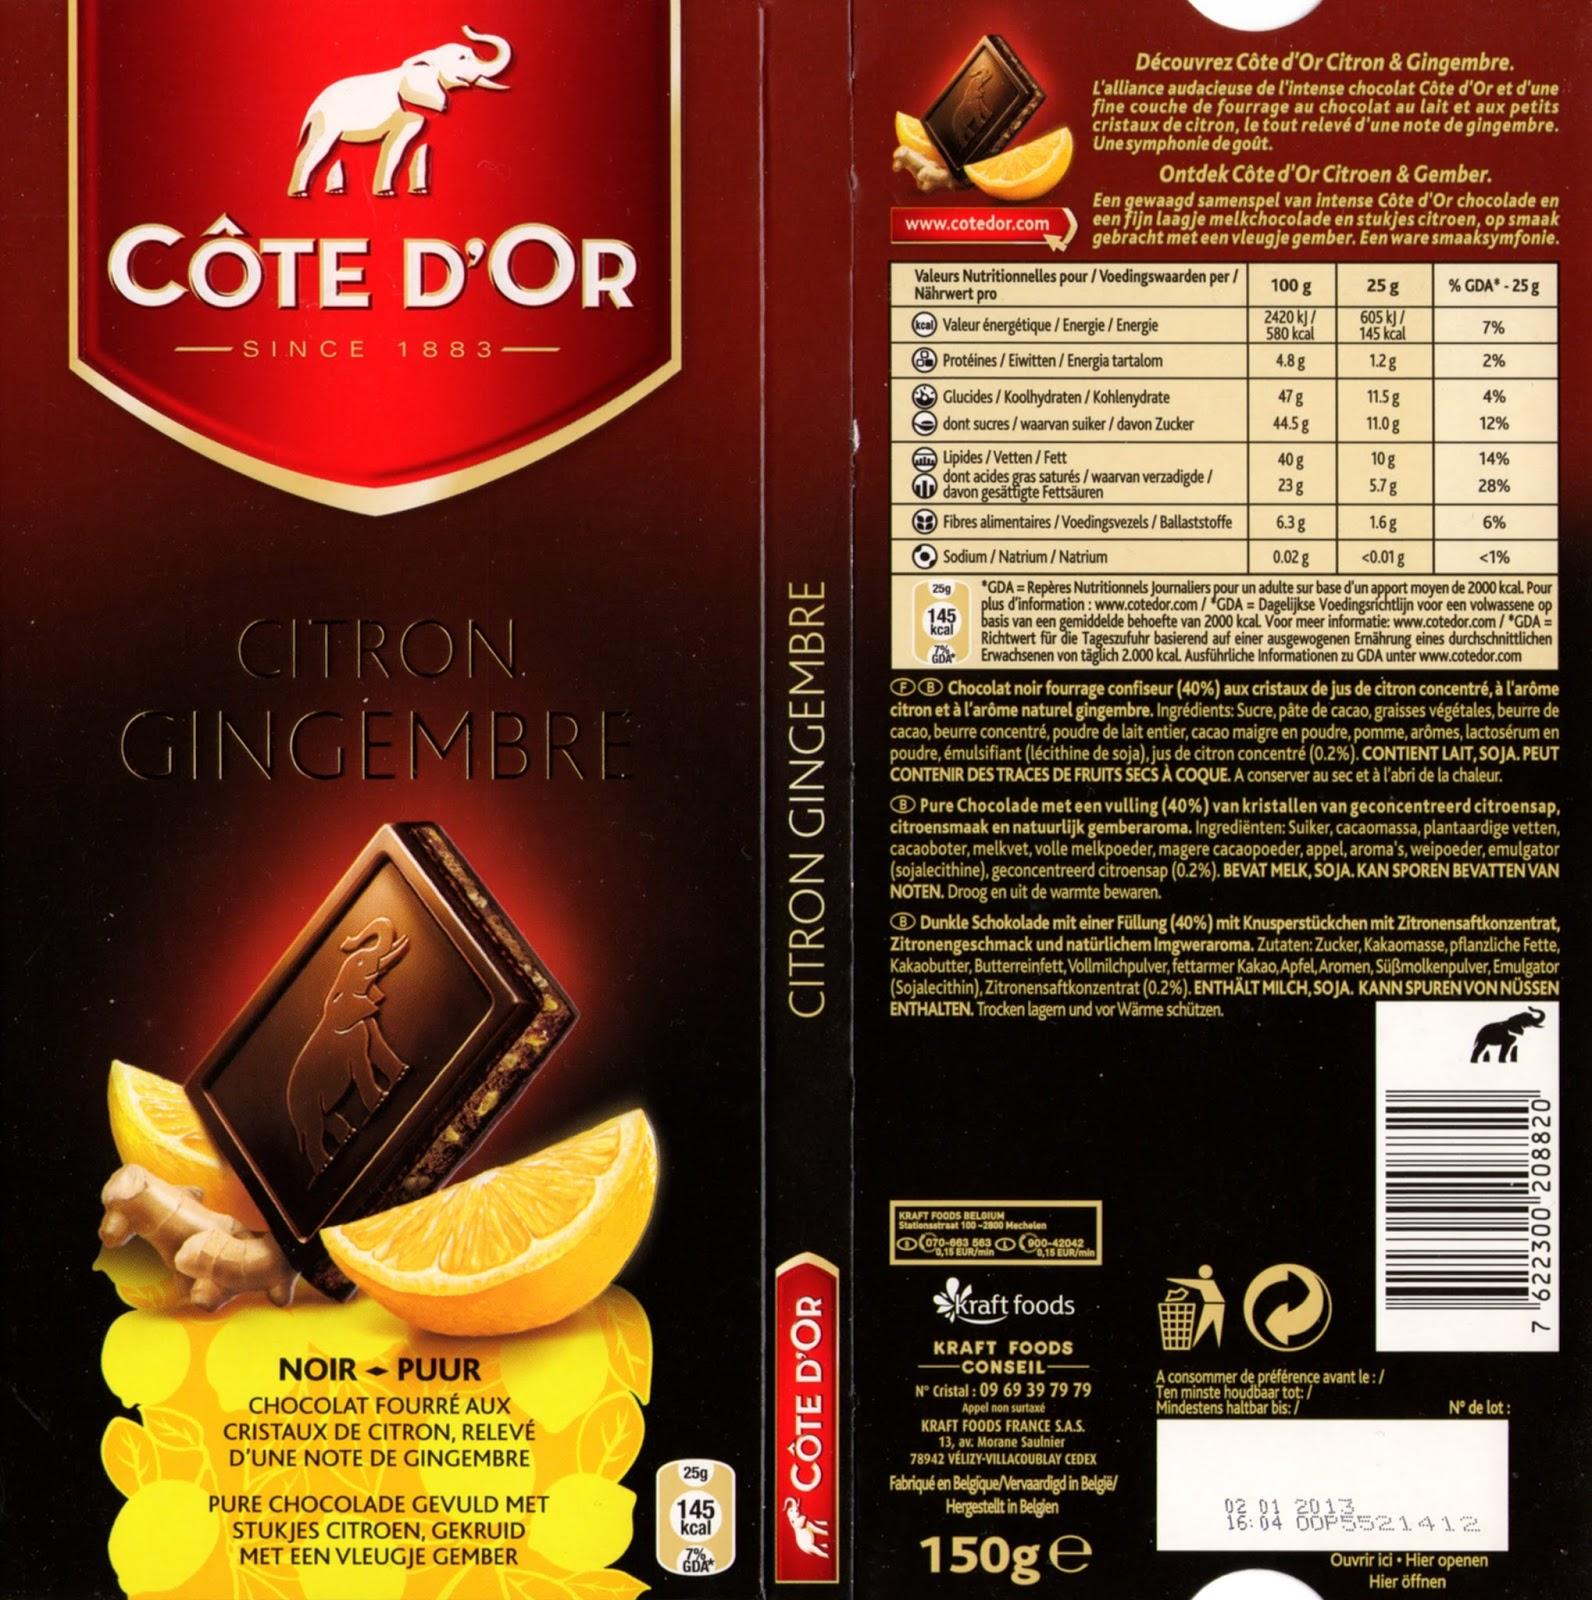 tablette de chocolat noir fourré côte d'or citron gingembre